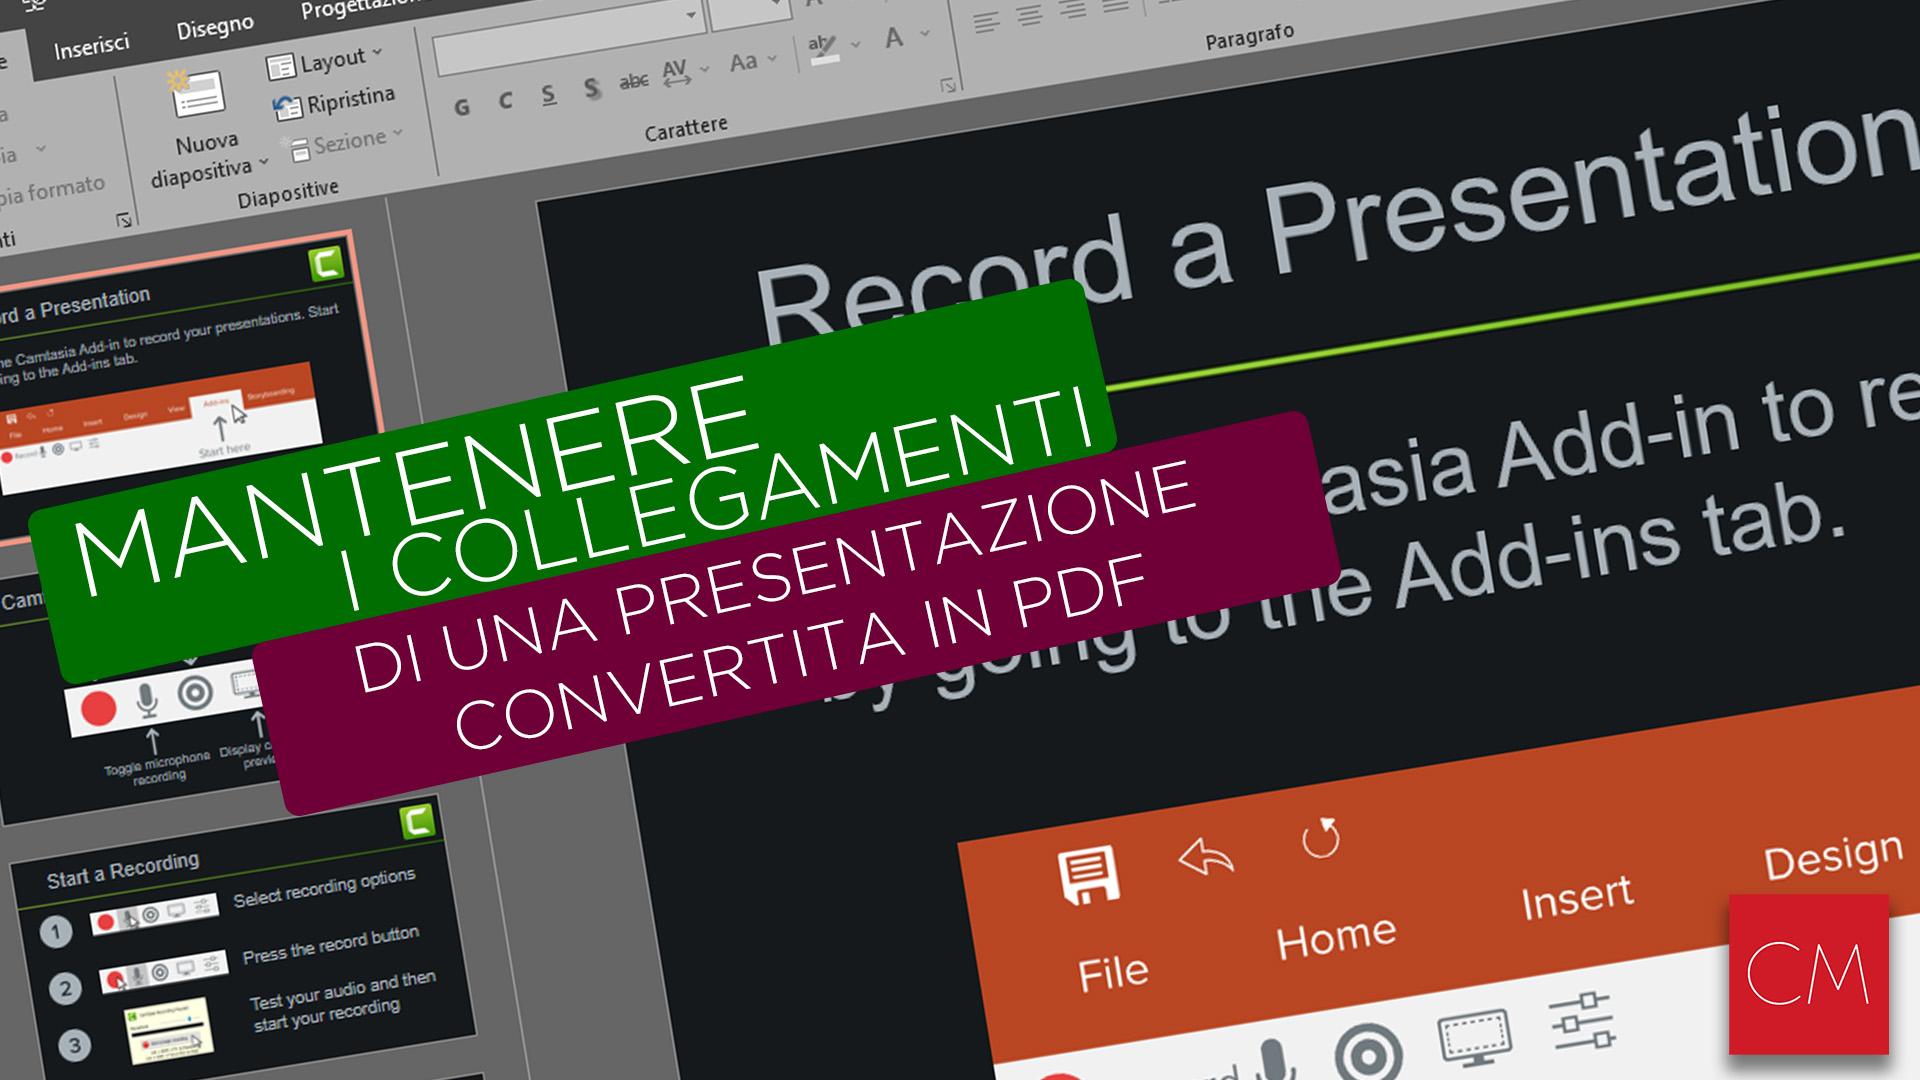 Mantenere i collegamenti di una presentazione PowerPoint convertita in PDF